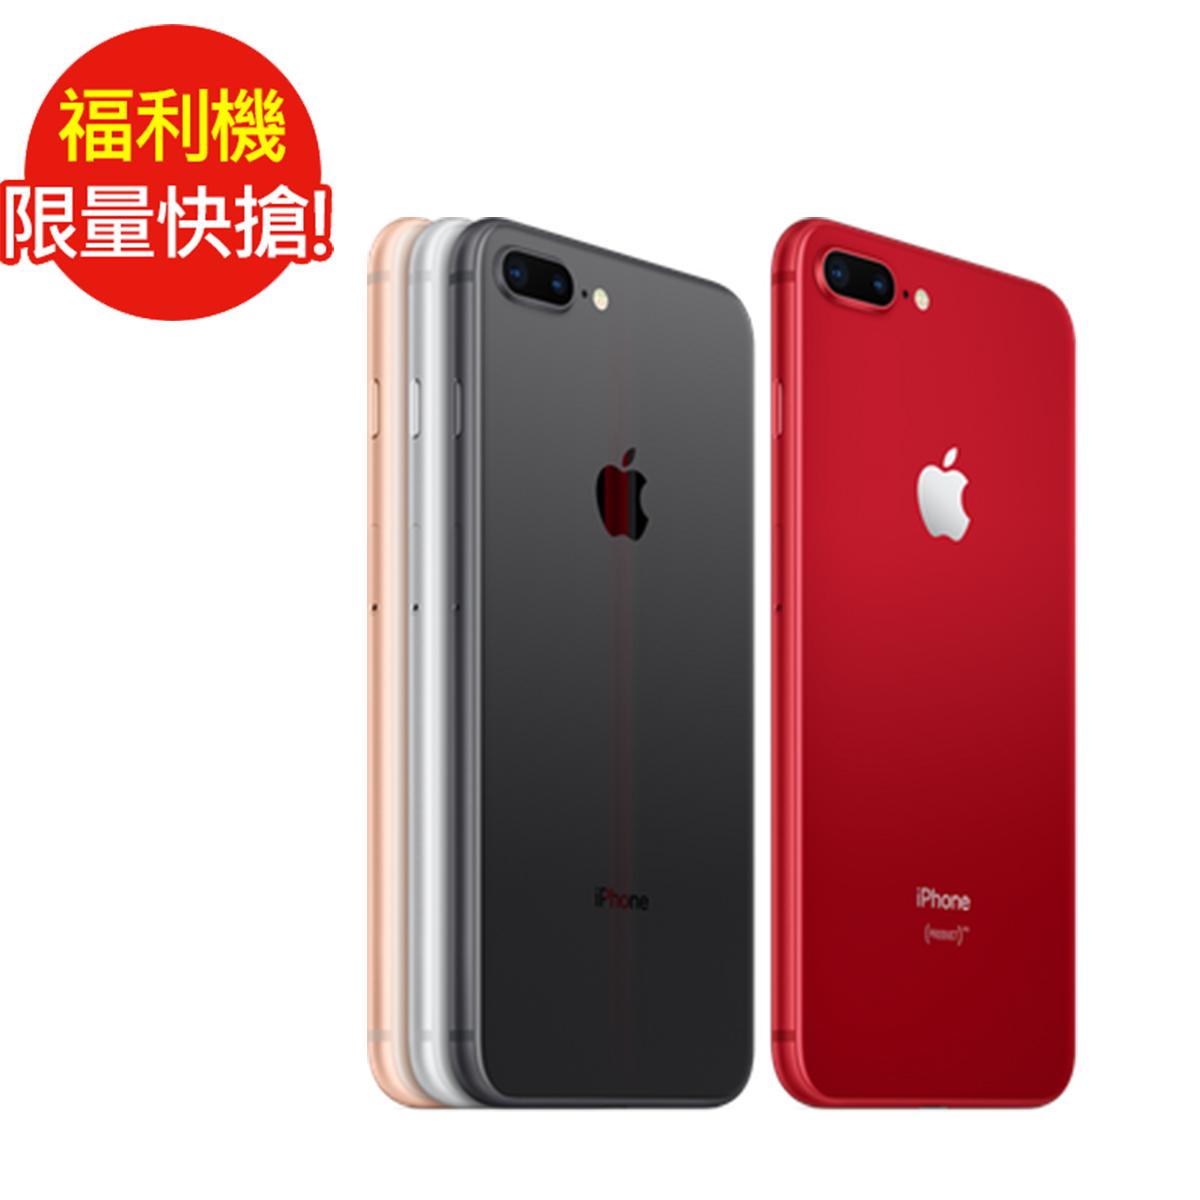 福利品 iPhone 8 Plus 256GB 紅 (九成新)